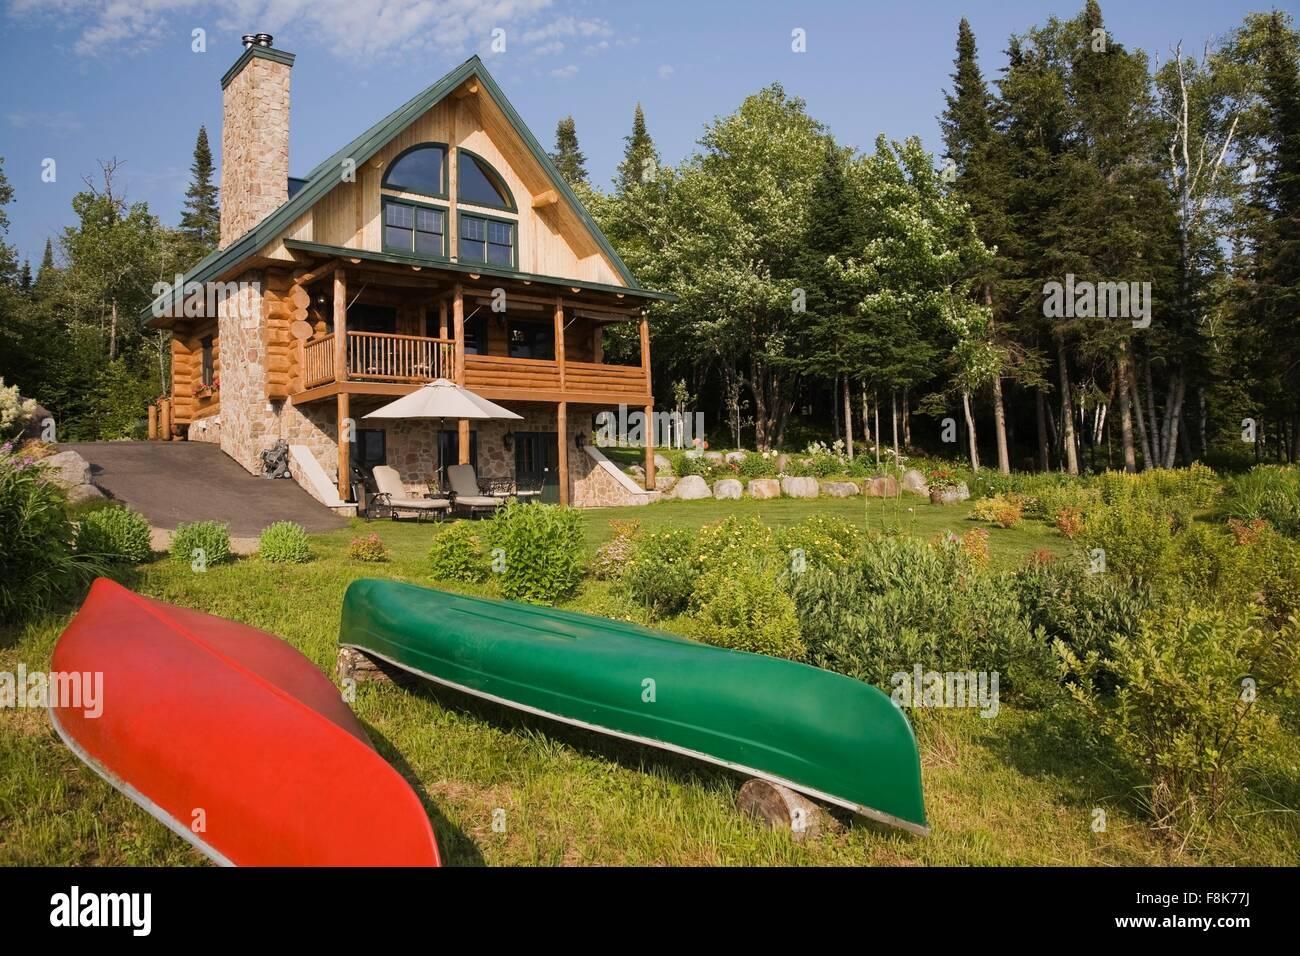 Uberlegen Handgefertigte Fichte Blockhaus Mit Feldsteinen Kamin Und Grün Metalldach  Im Sommer, Quebec, Kanada